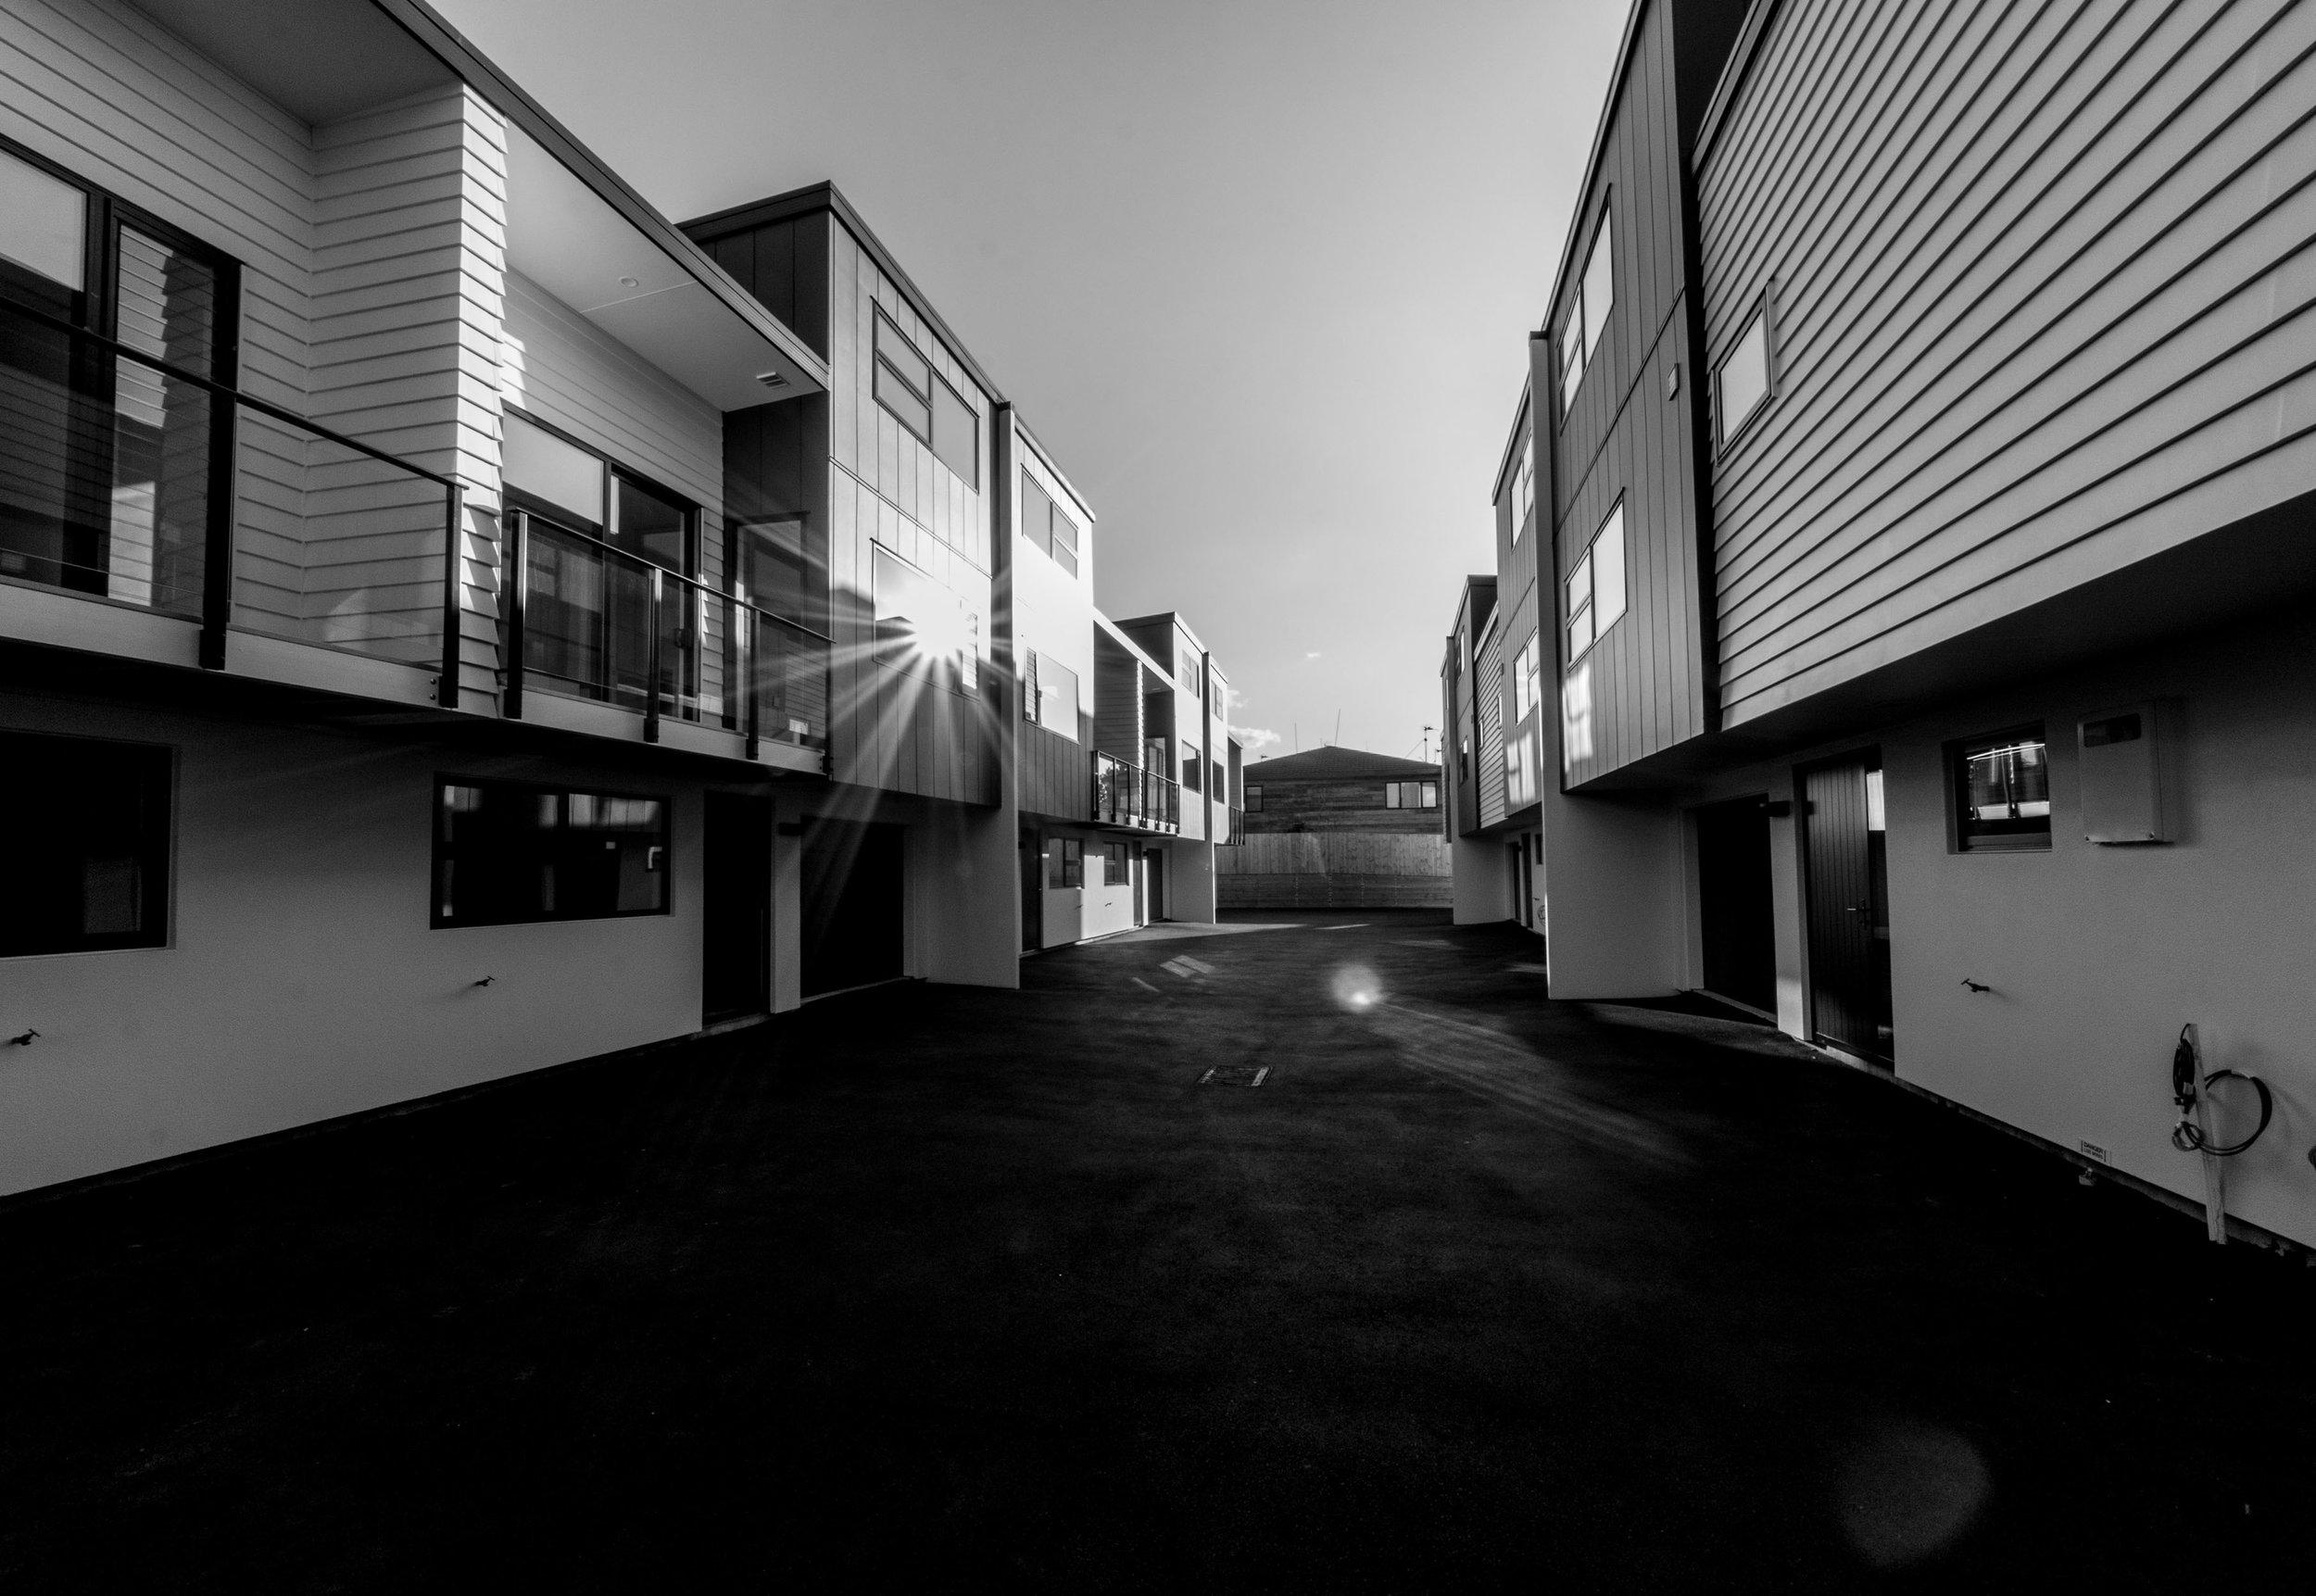 Miro St Interiors-Exteriors (40 of 43).jpg